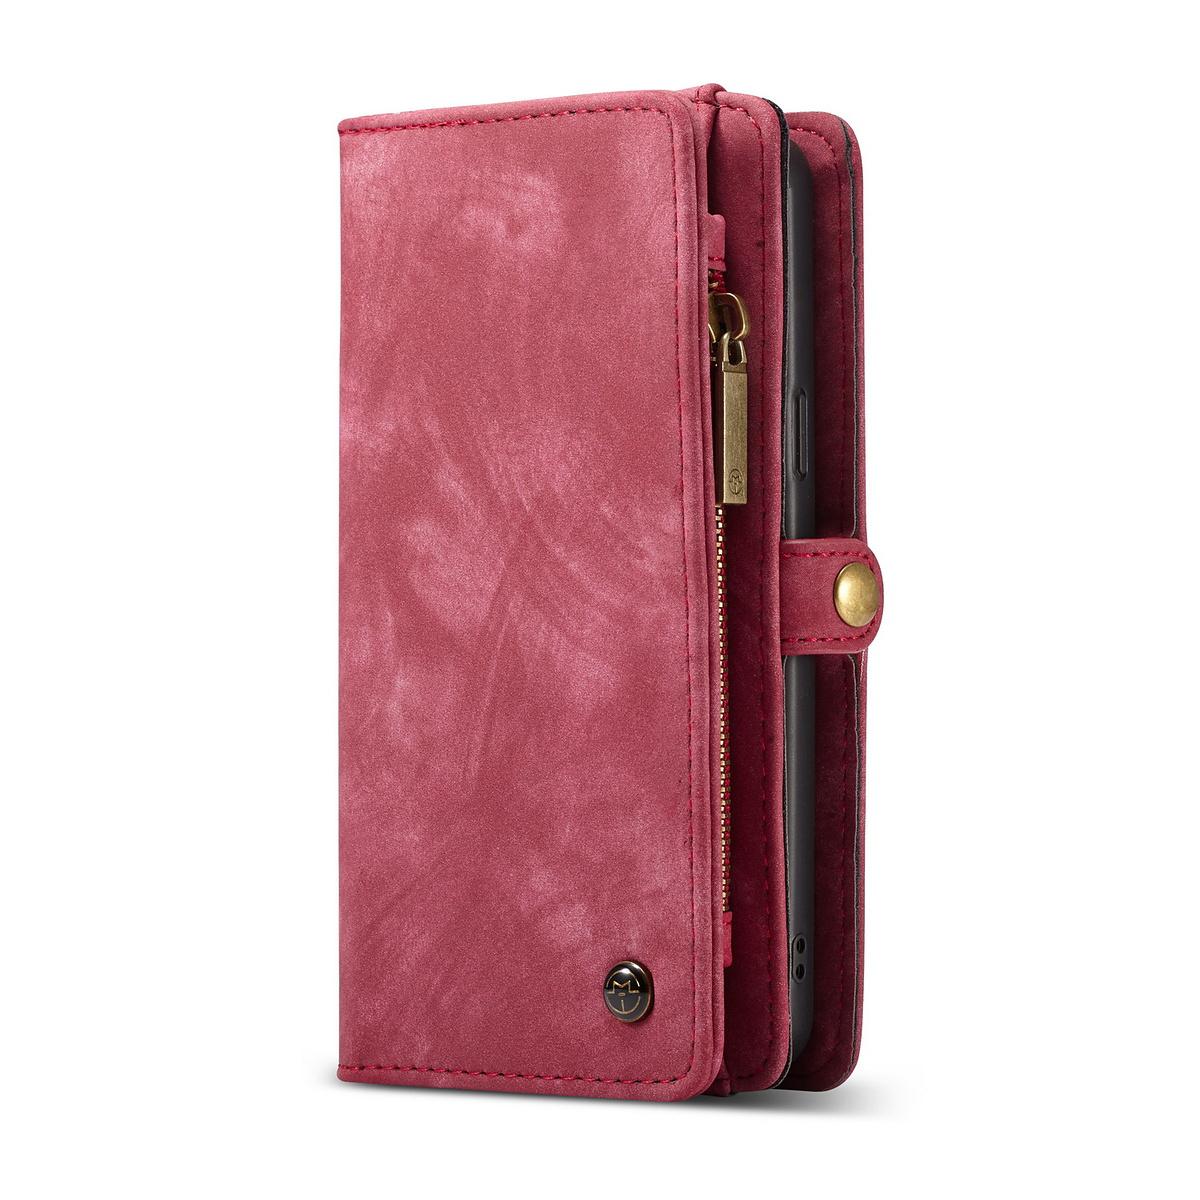 CaseMe plånboksfodral magnetskal, Samsung Galaxy S9, röd